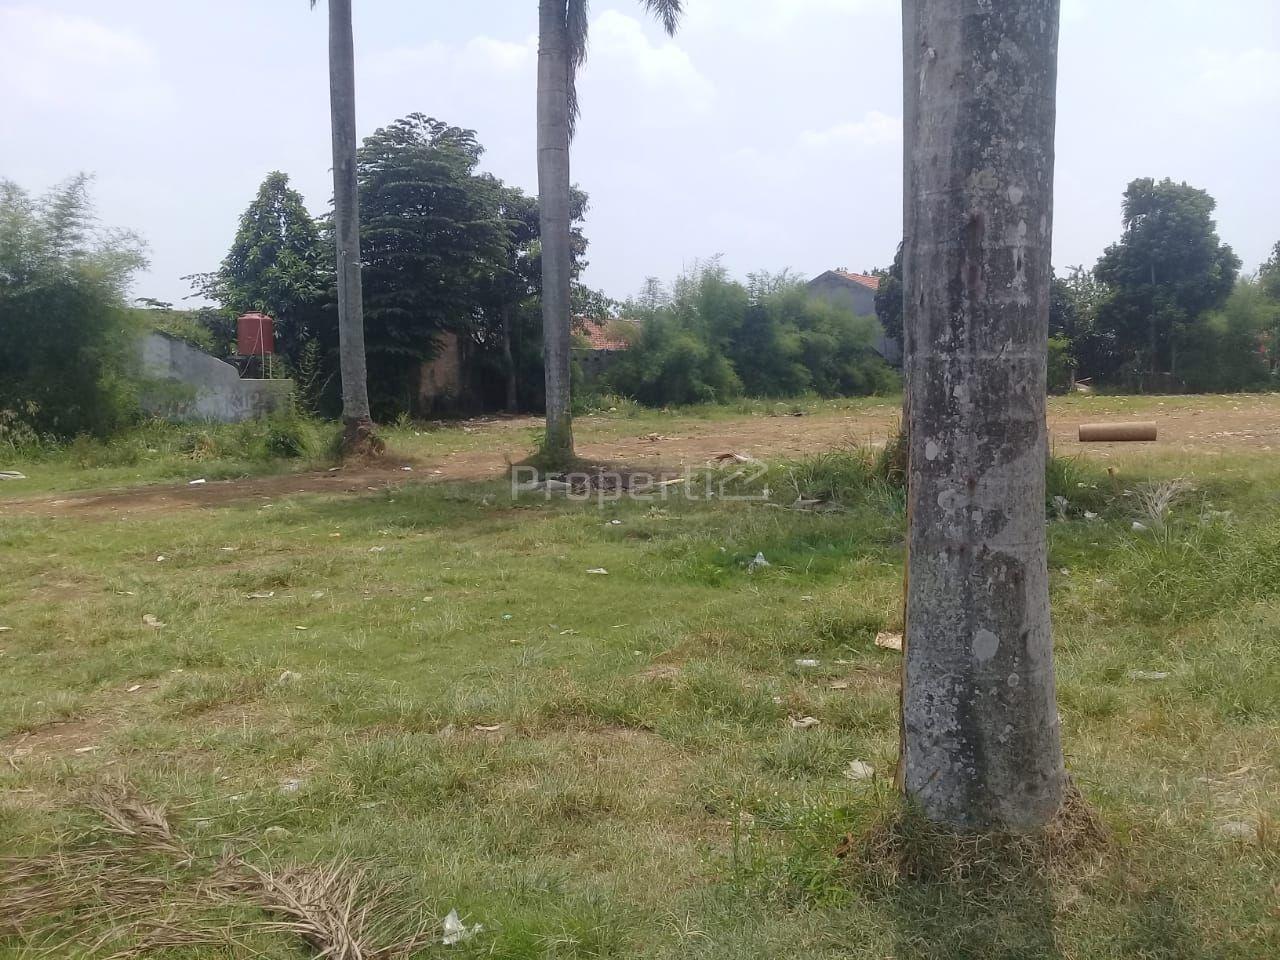 Land for Housing in Cipayung, Kota Depok